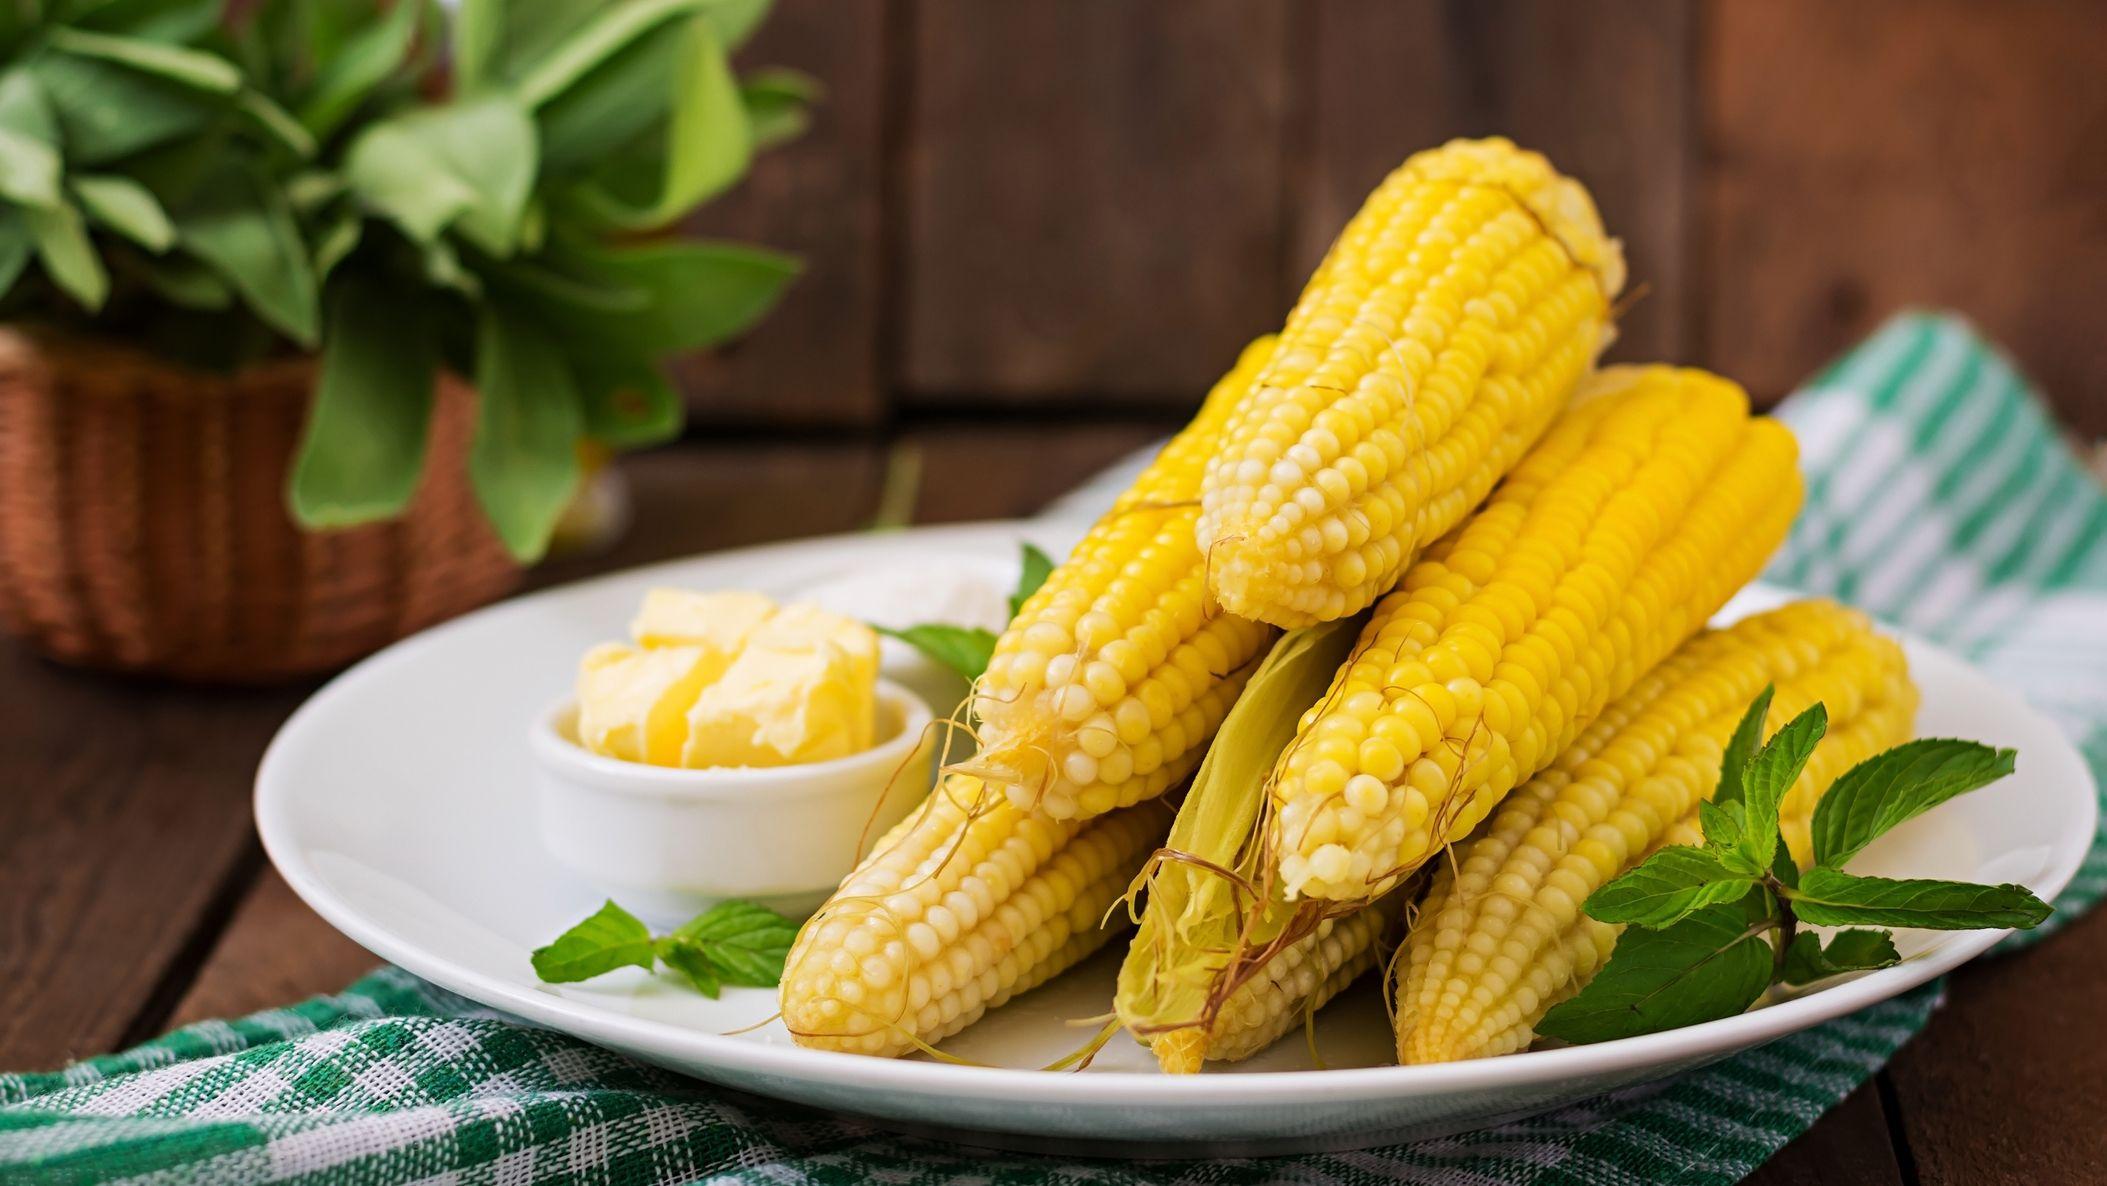 Te is imádod a főtt kukoricát?